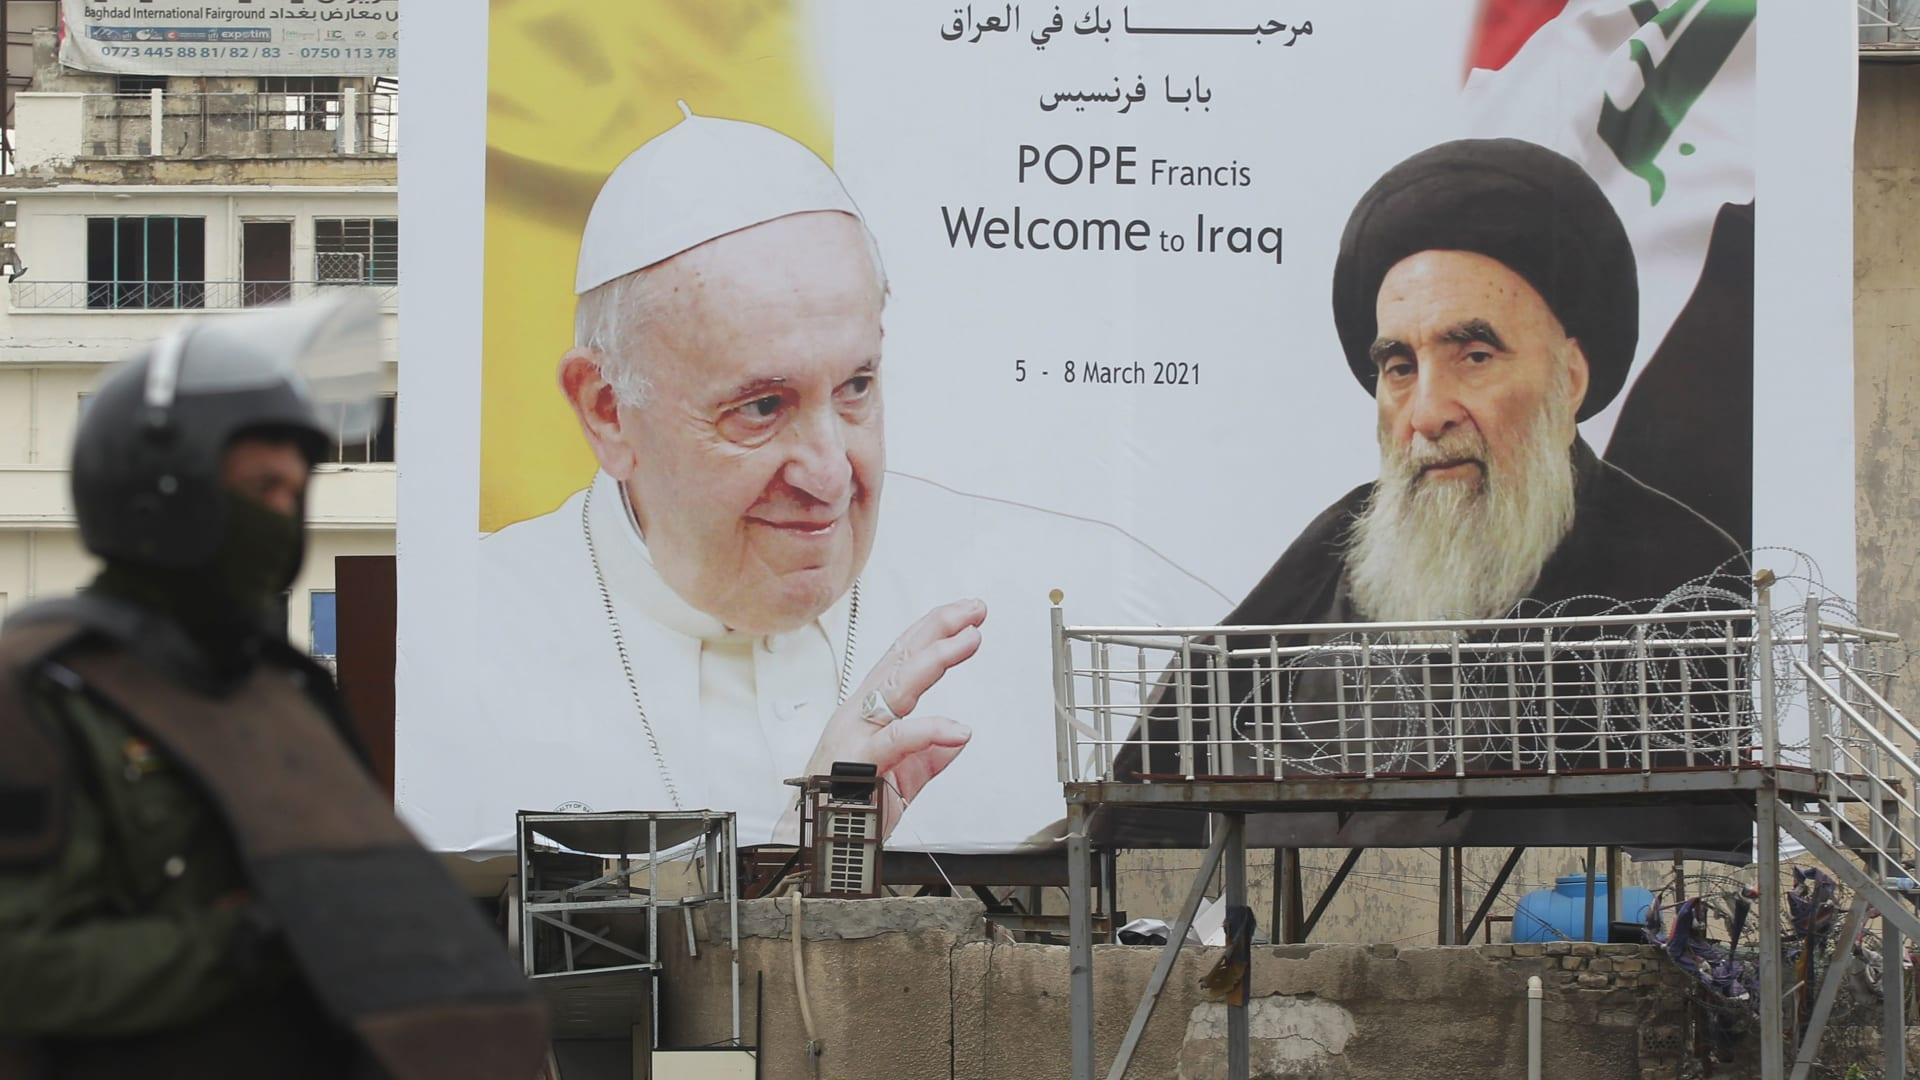 حارس أمن عراقي يقف أمام لوحة إعلانية ضخمة تحمل صور البابا فرنسيس والسيستاني وسط بغداد